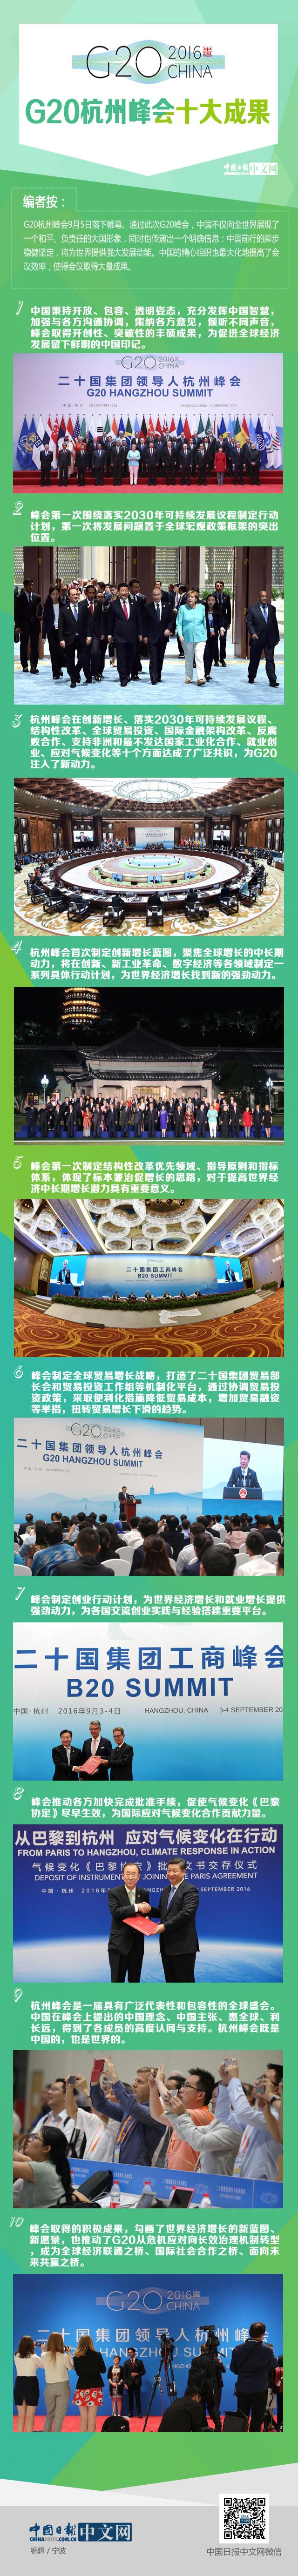 图解:G20杭州峰会十大成果